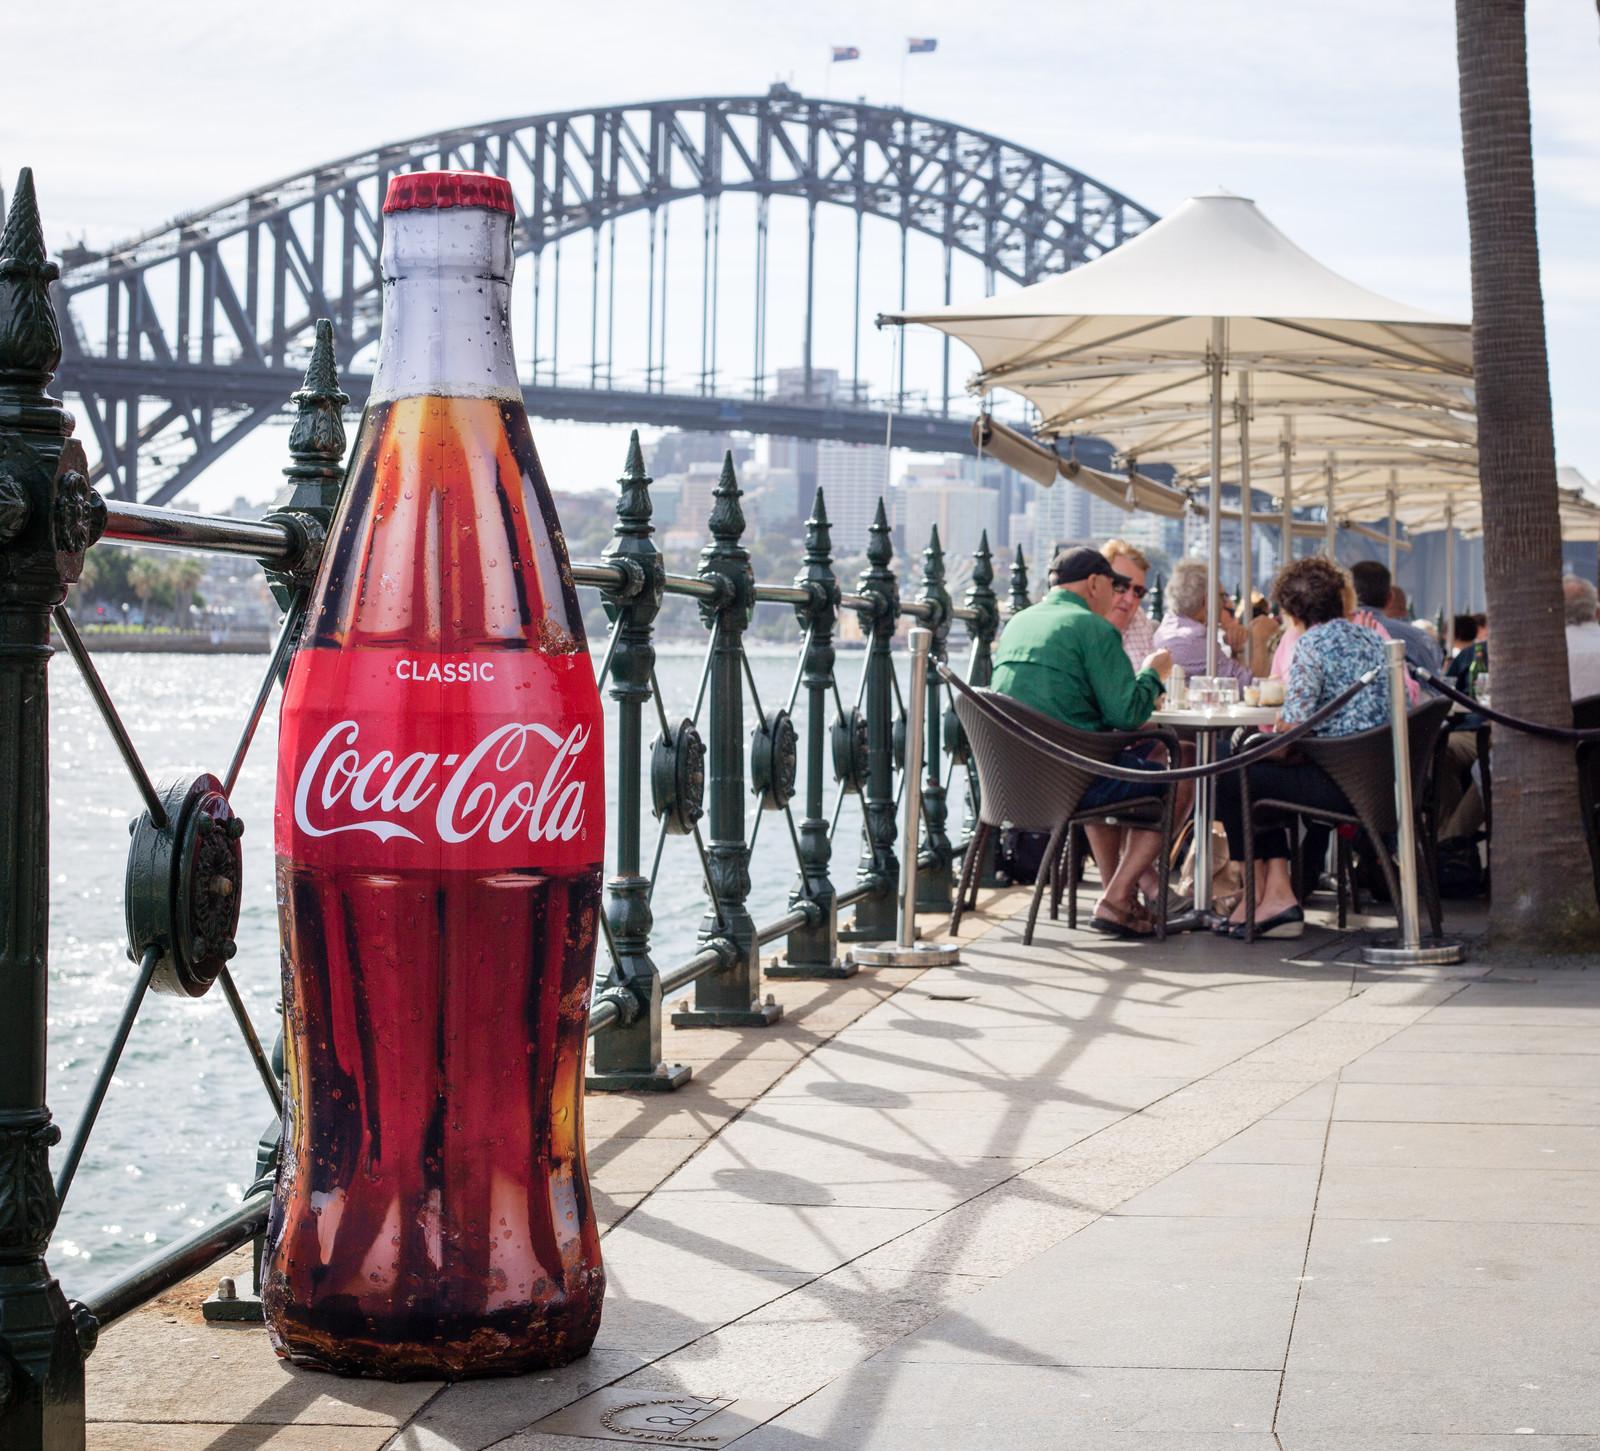 stackawrap coke - display - publi air - drink - coca cola-